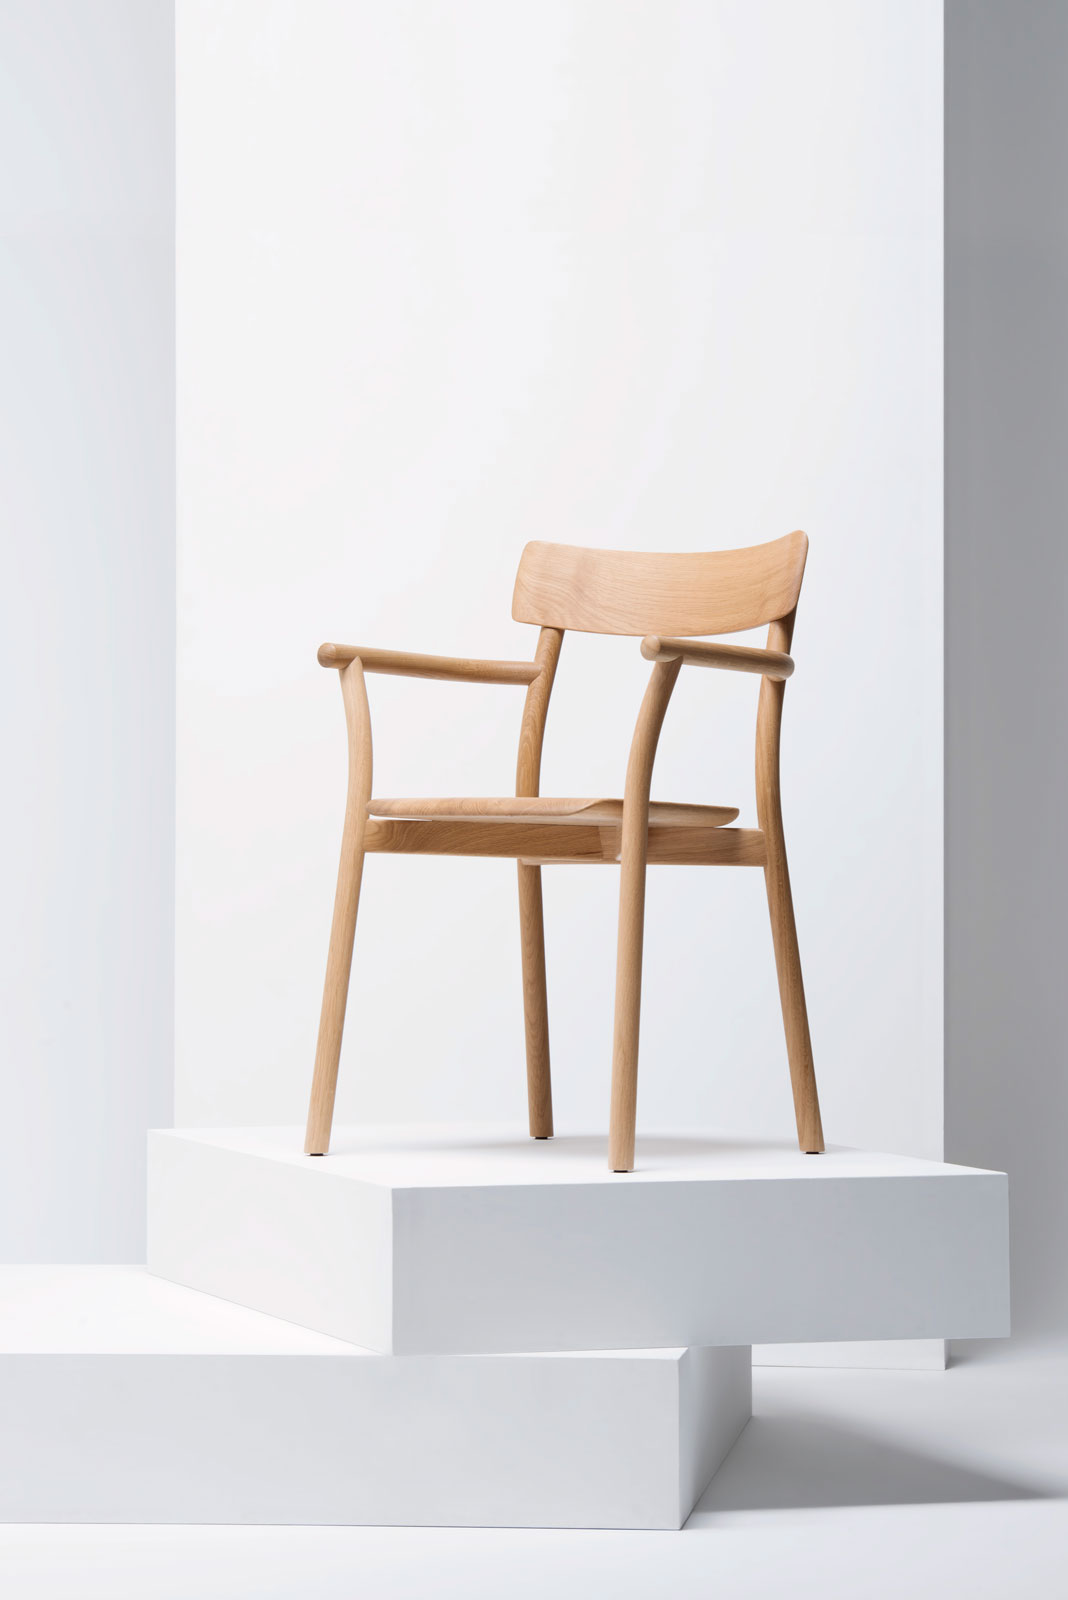 Chiaro Chair by Leon Ransmeier